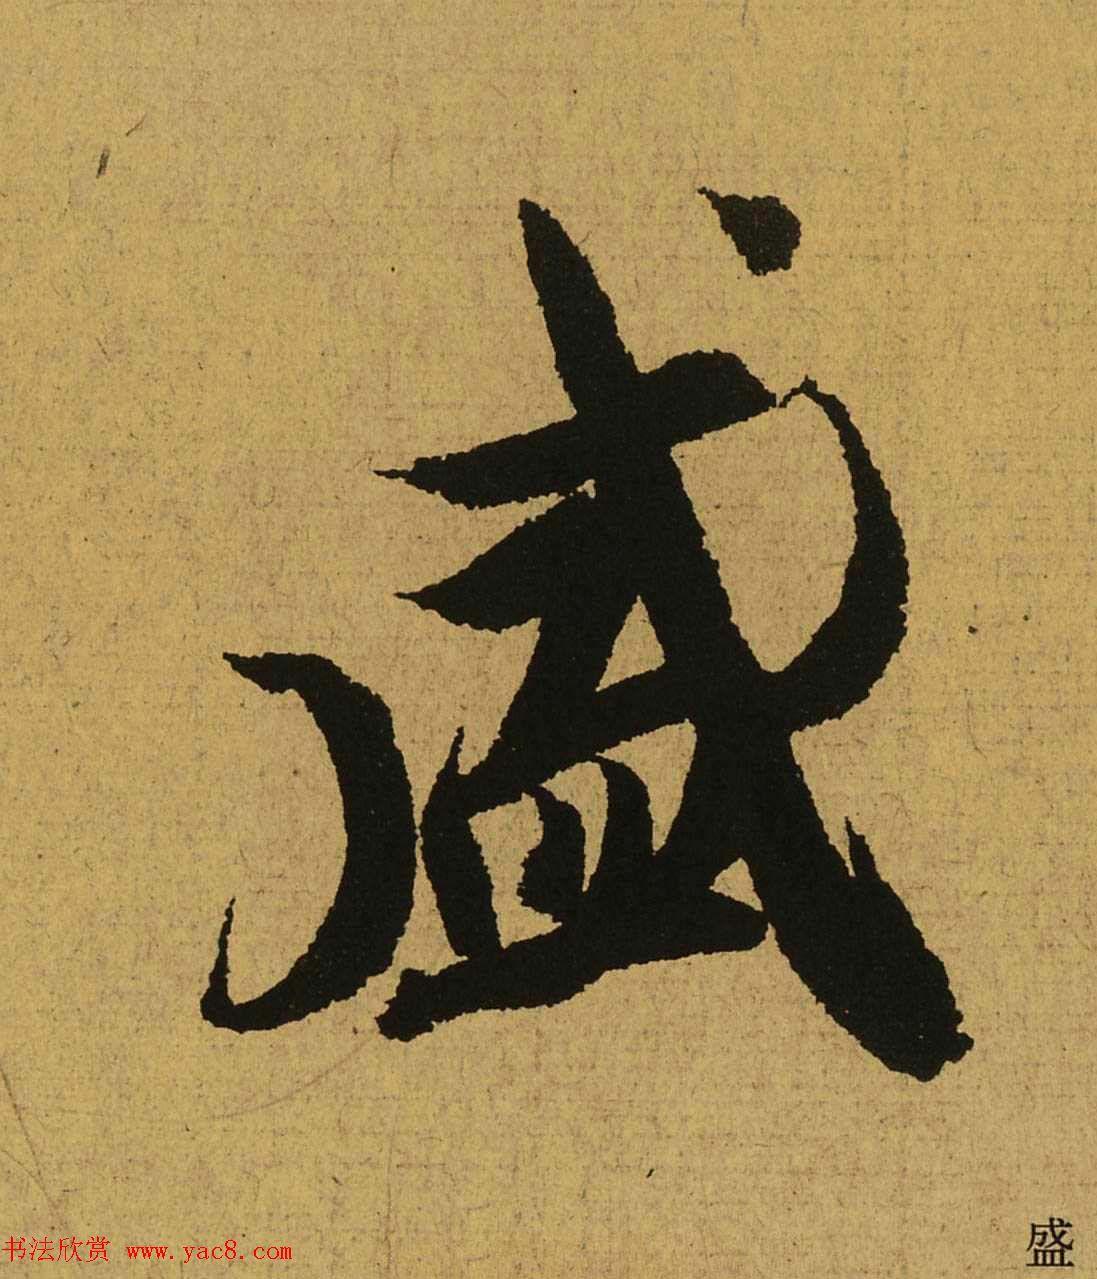 王羲之兰亭集序全文单字高清放大字帖 第16页 行书字帖 书法欣赏图片